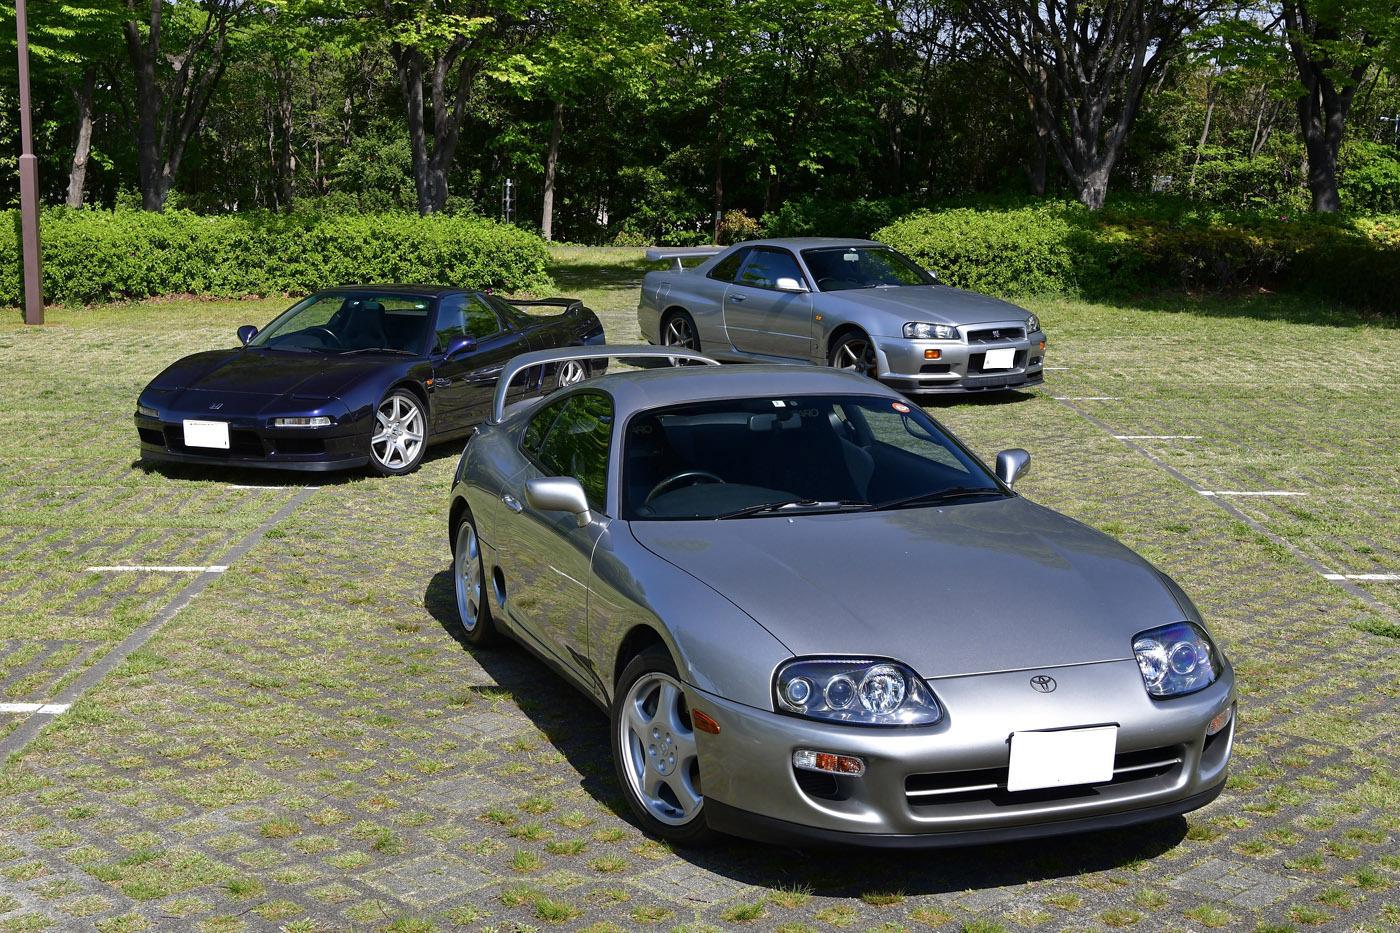 「憧れの名車」は今も輝いているか!? NSX、スープラ、GT-R連続試乗